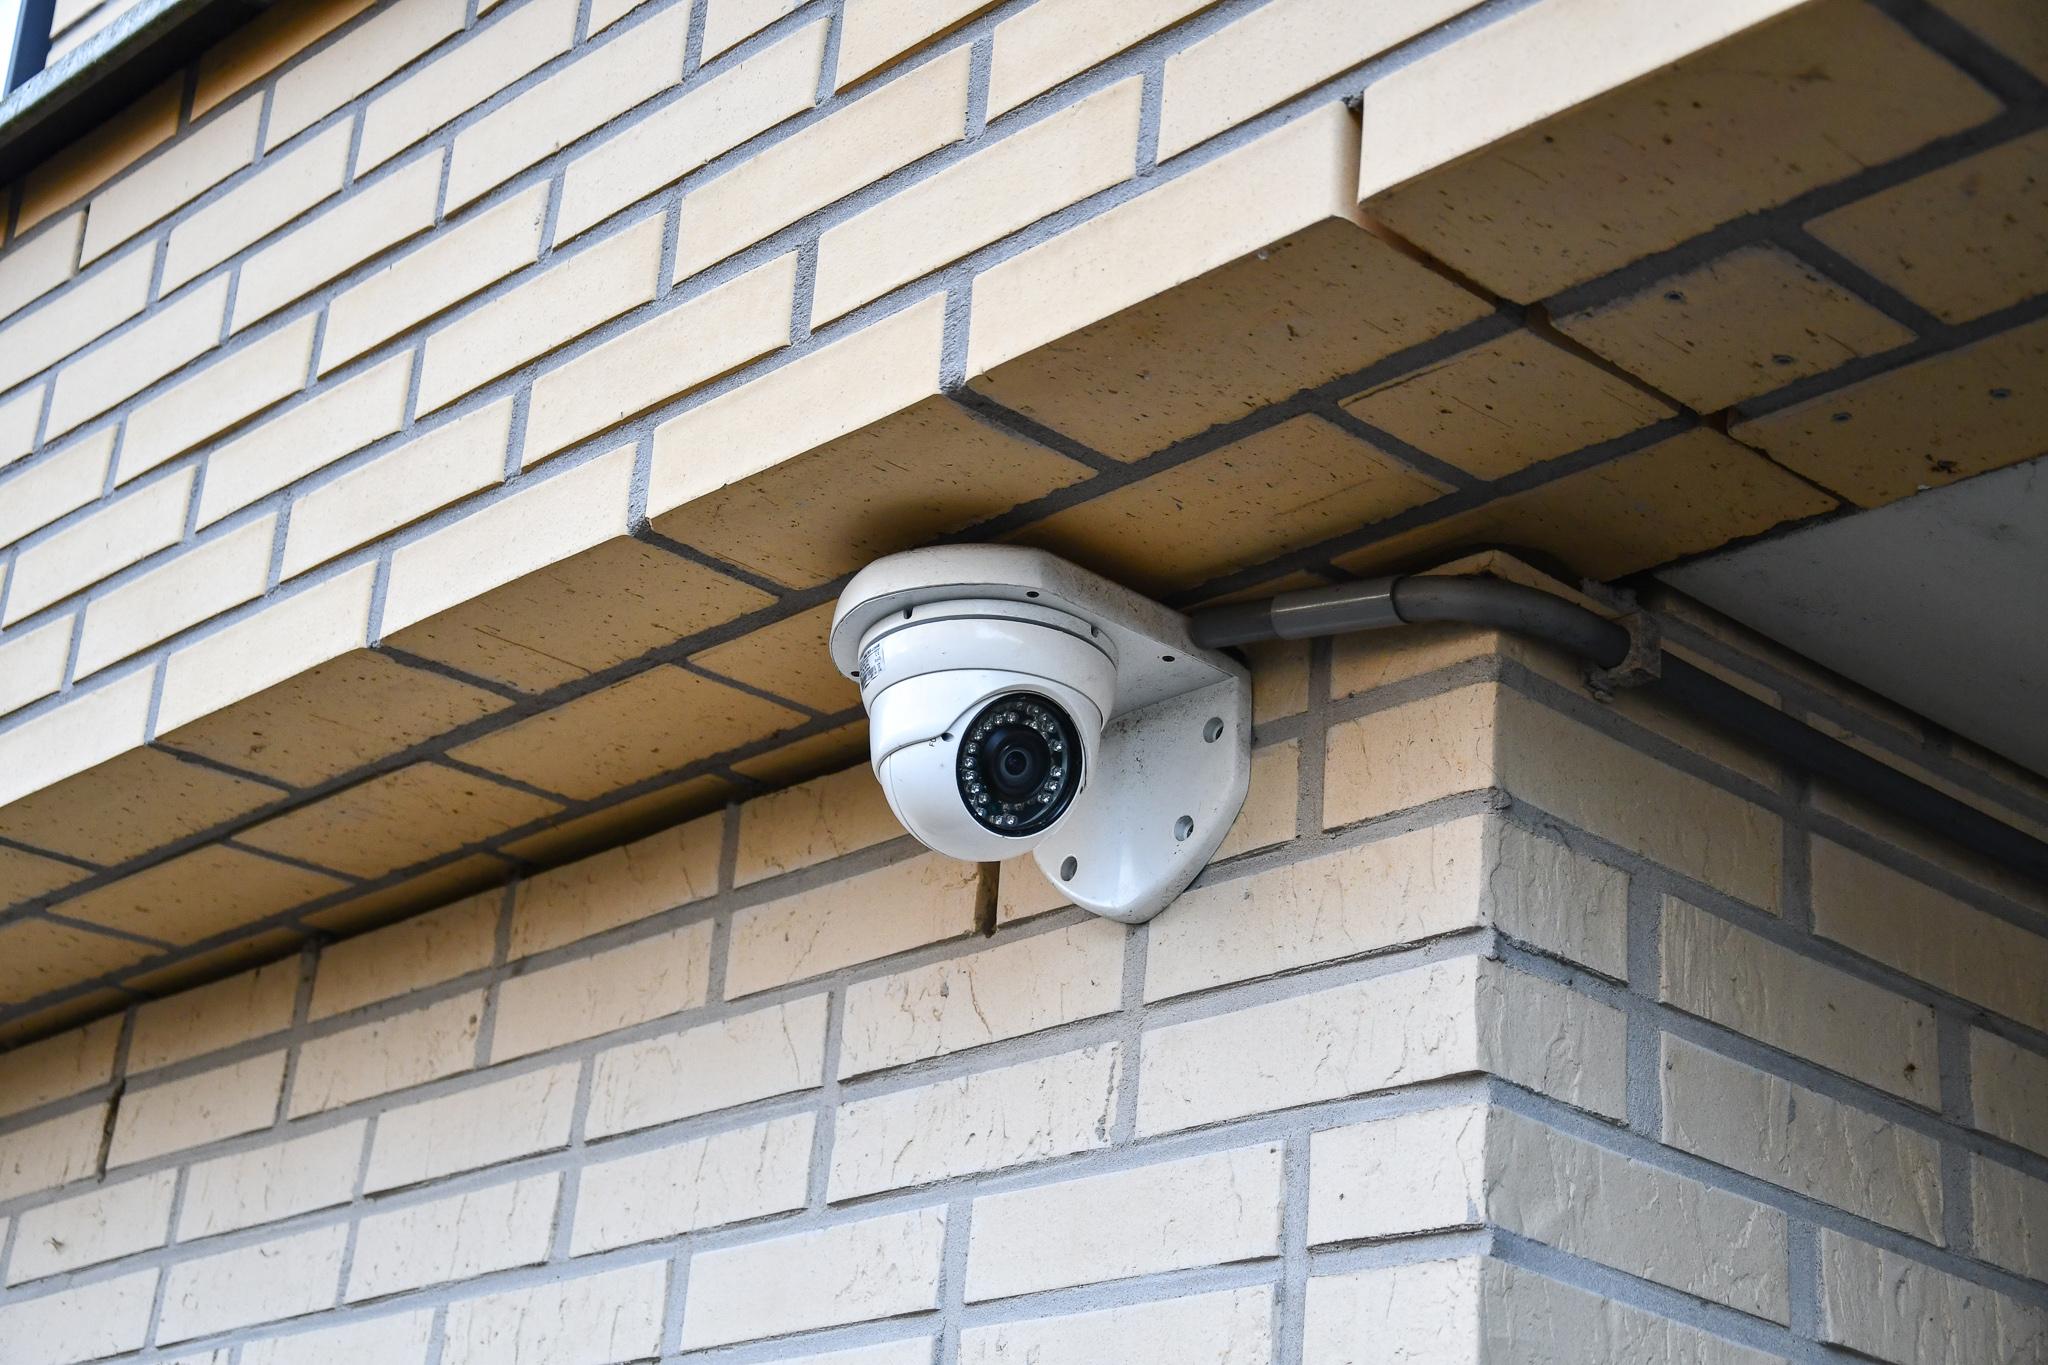 camera beveiliging van ginderen